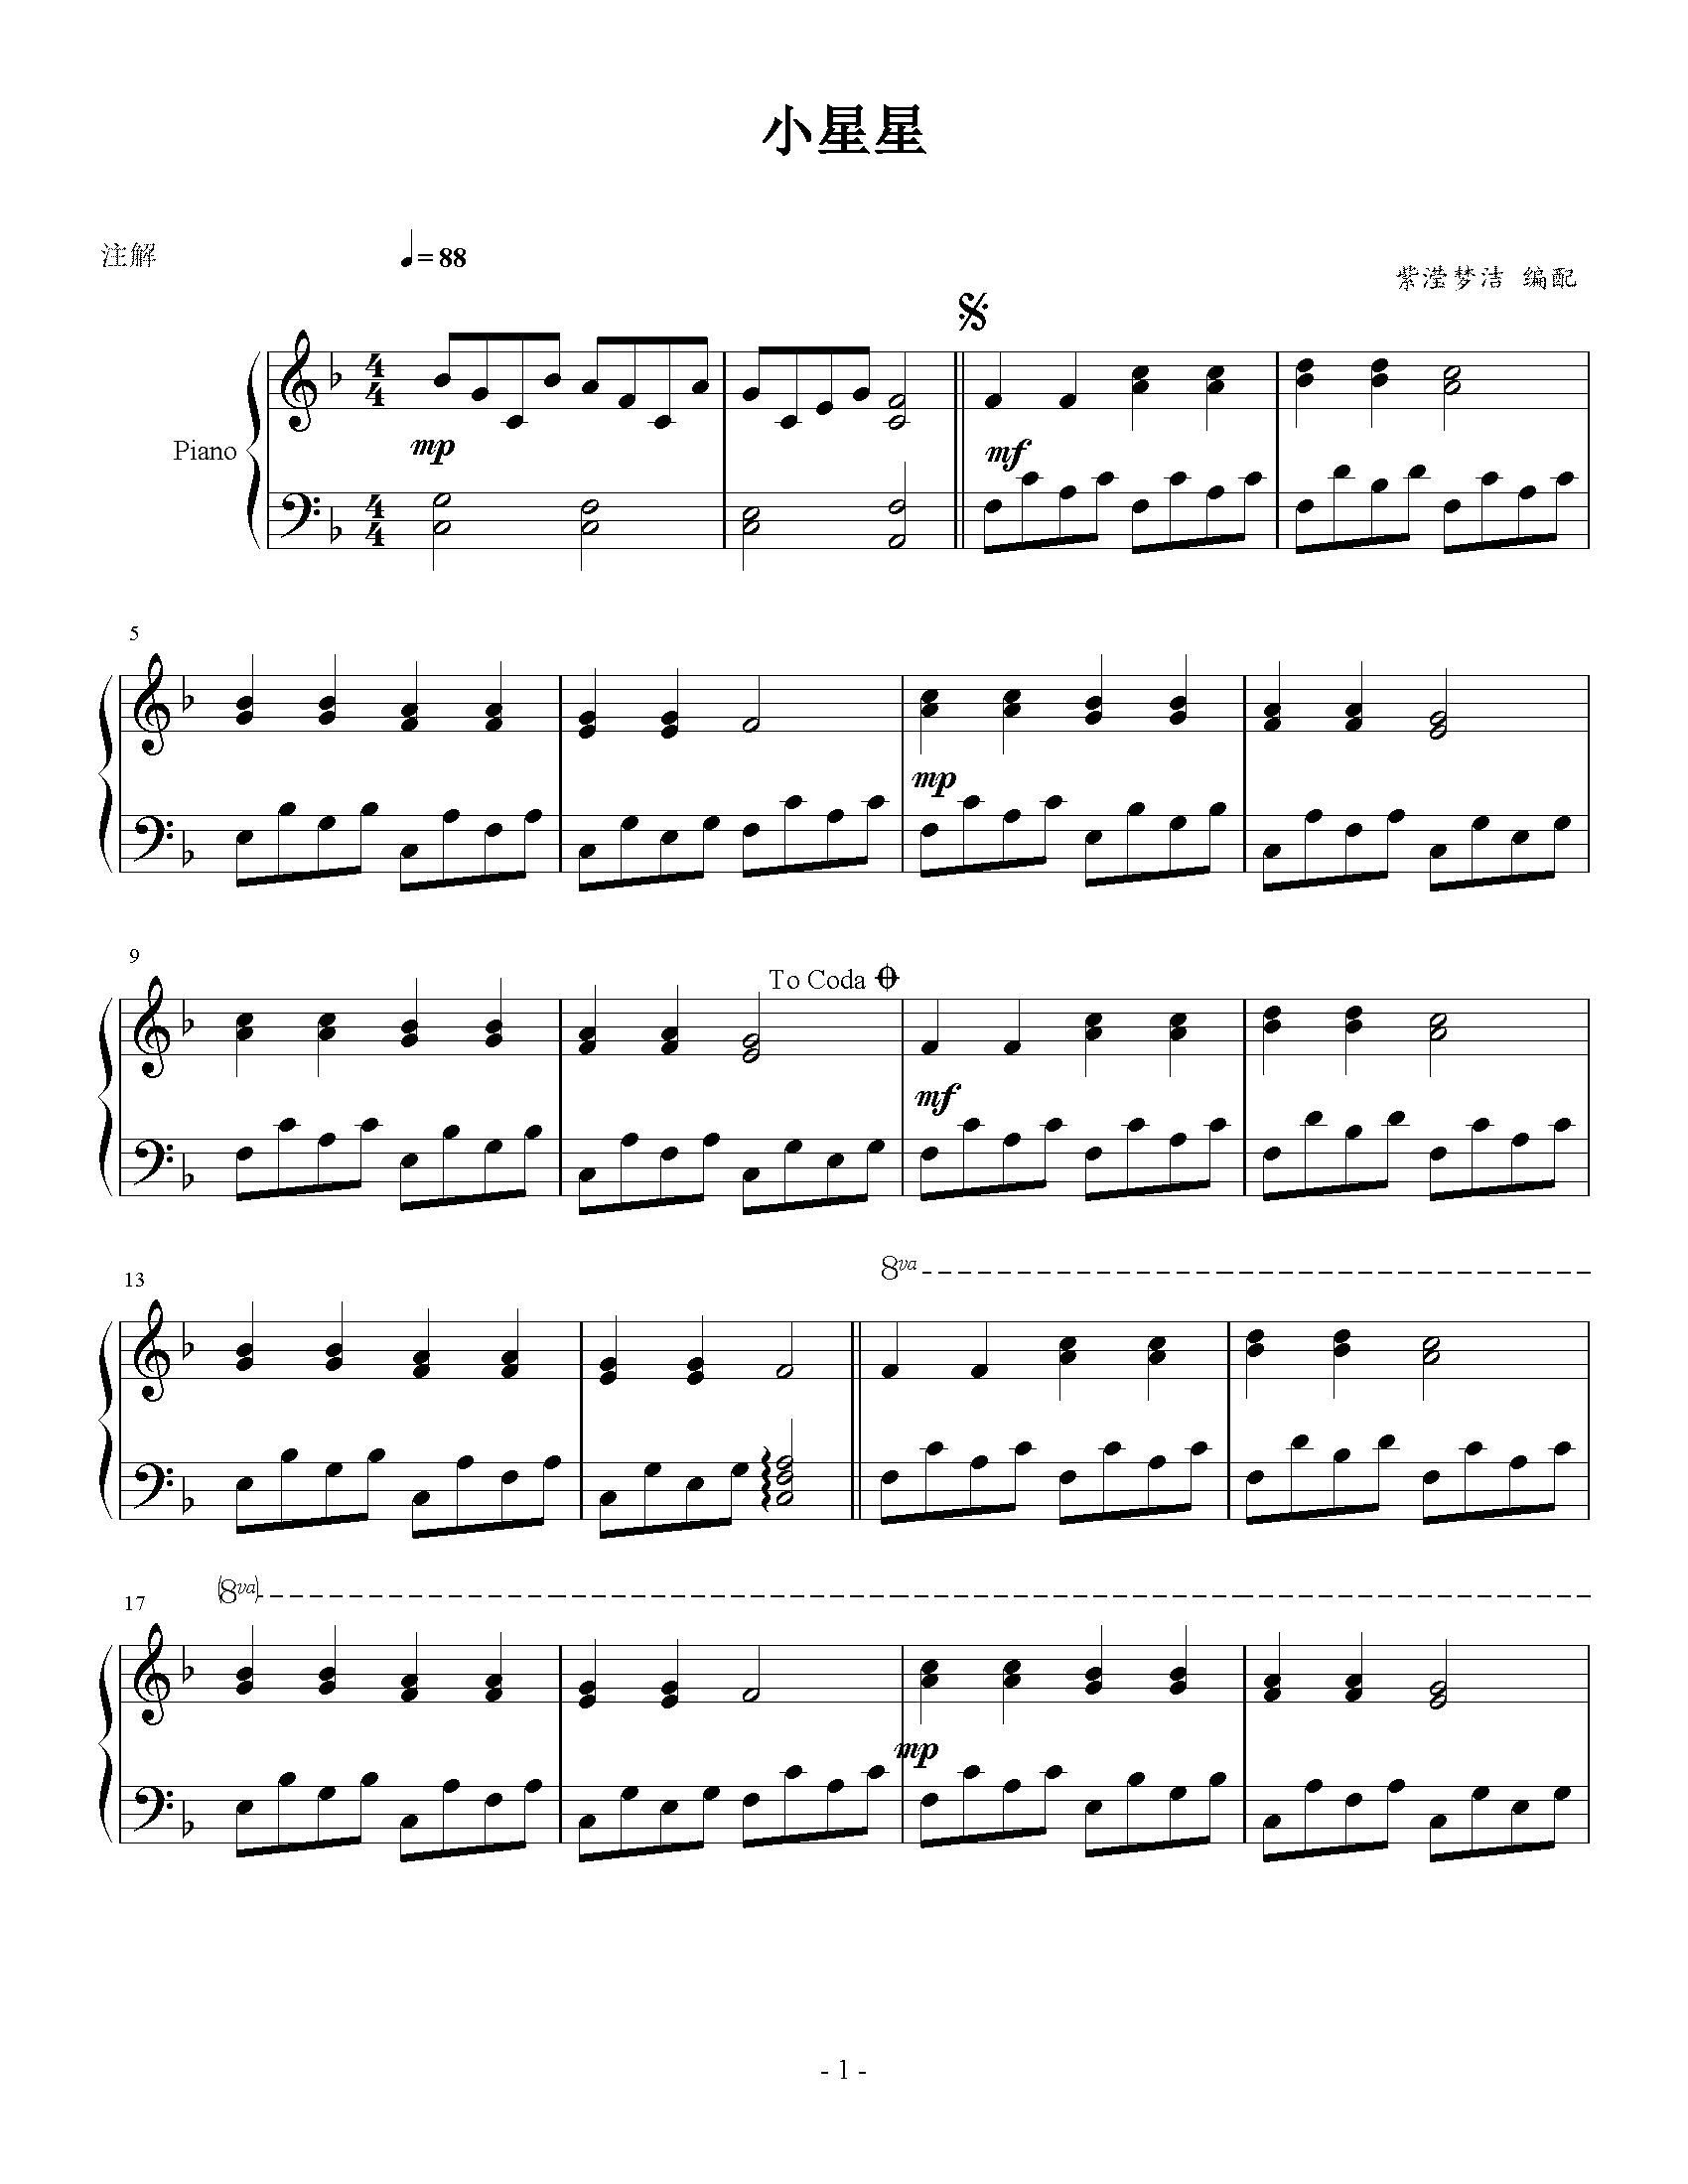 名人名曲    莫扎特 >>小星星钢琴谱 (1700x2200)